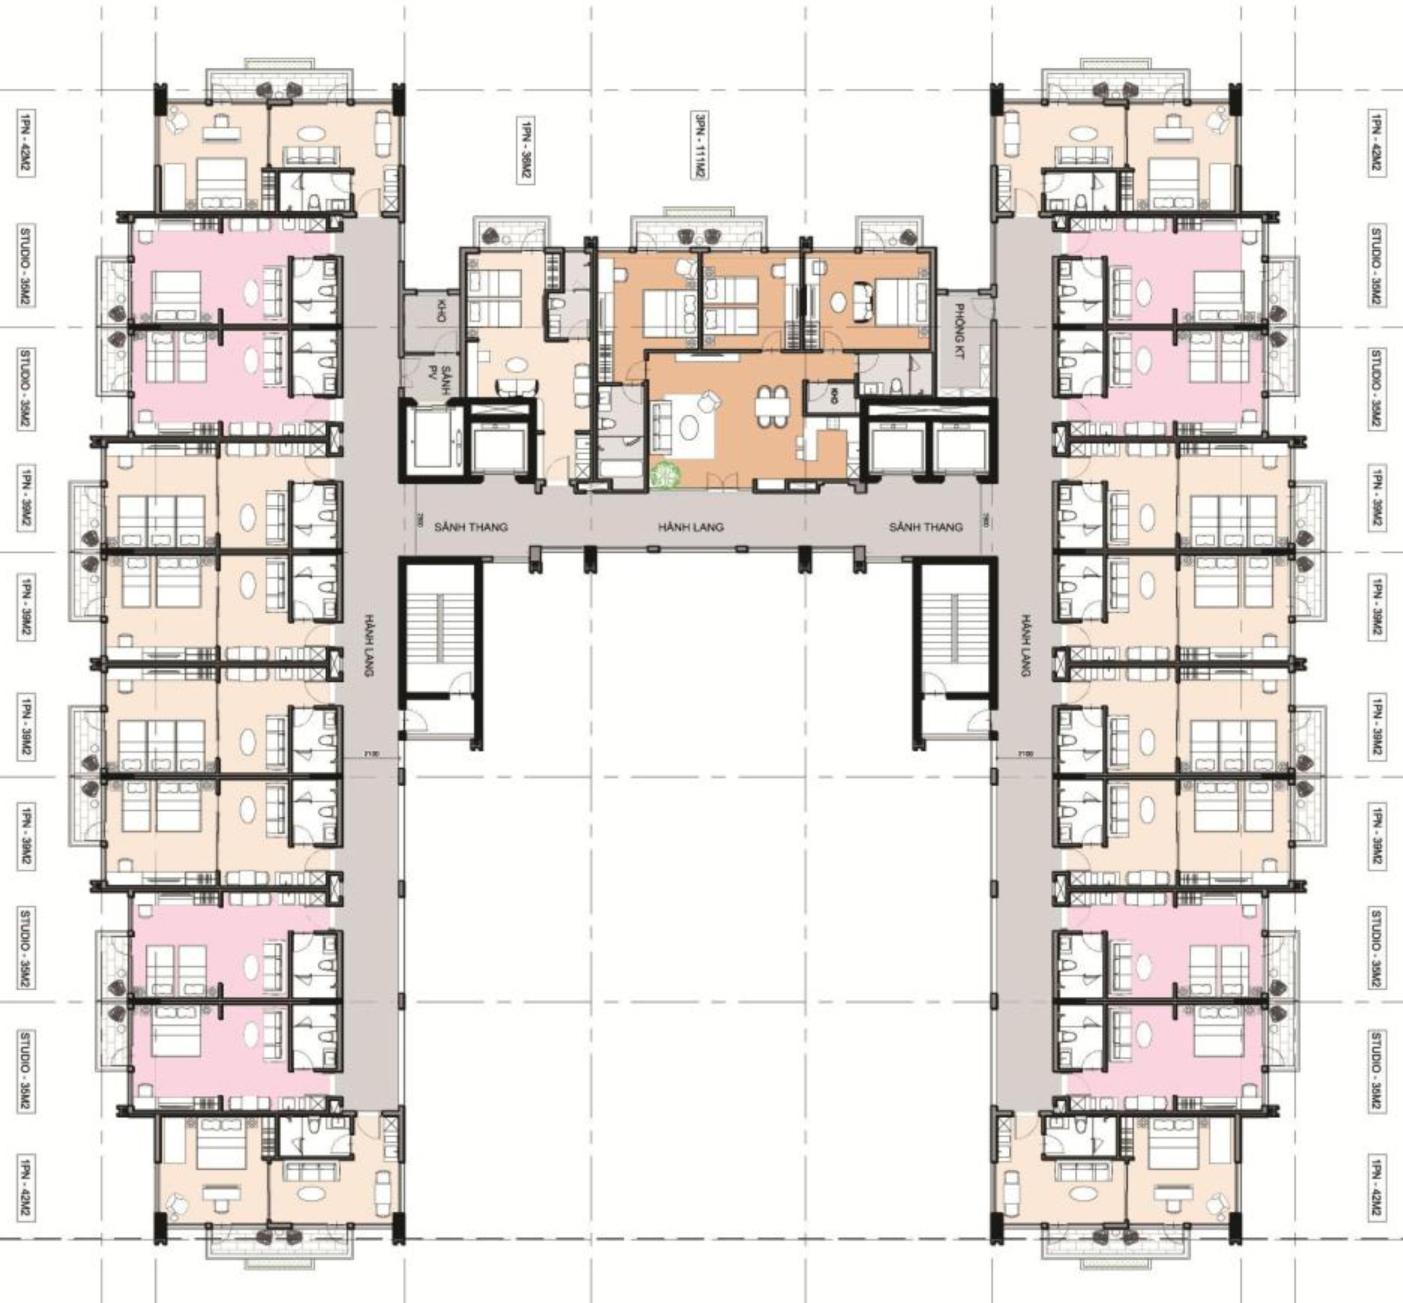 Mặt bằng thiết kế chi tiết căn hộ condotel Sim Island Phú Quốc